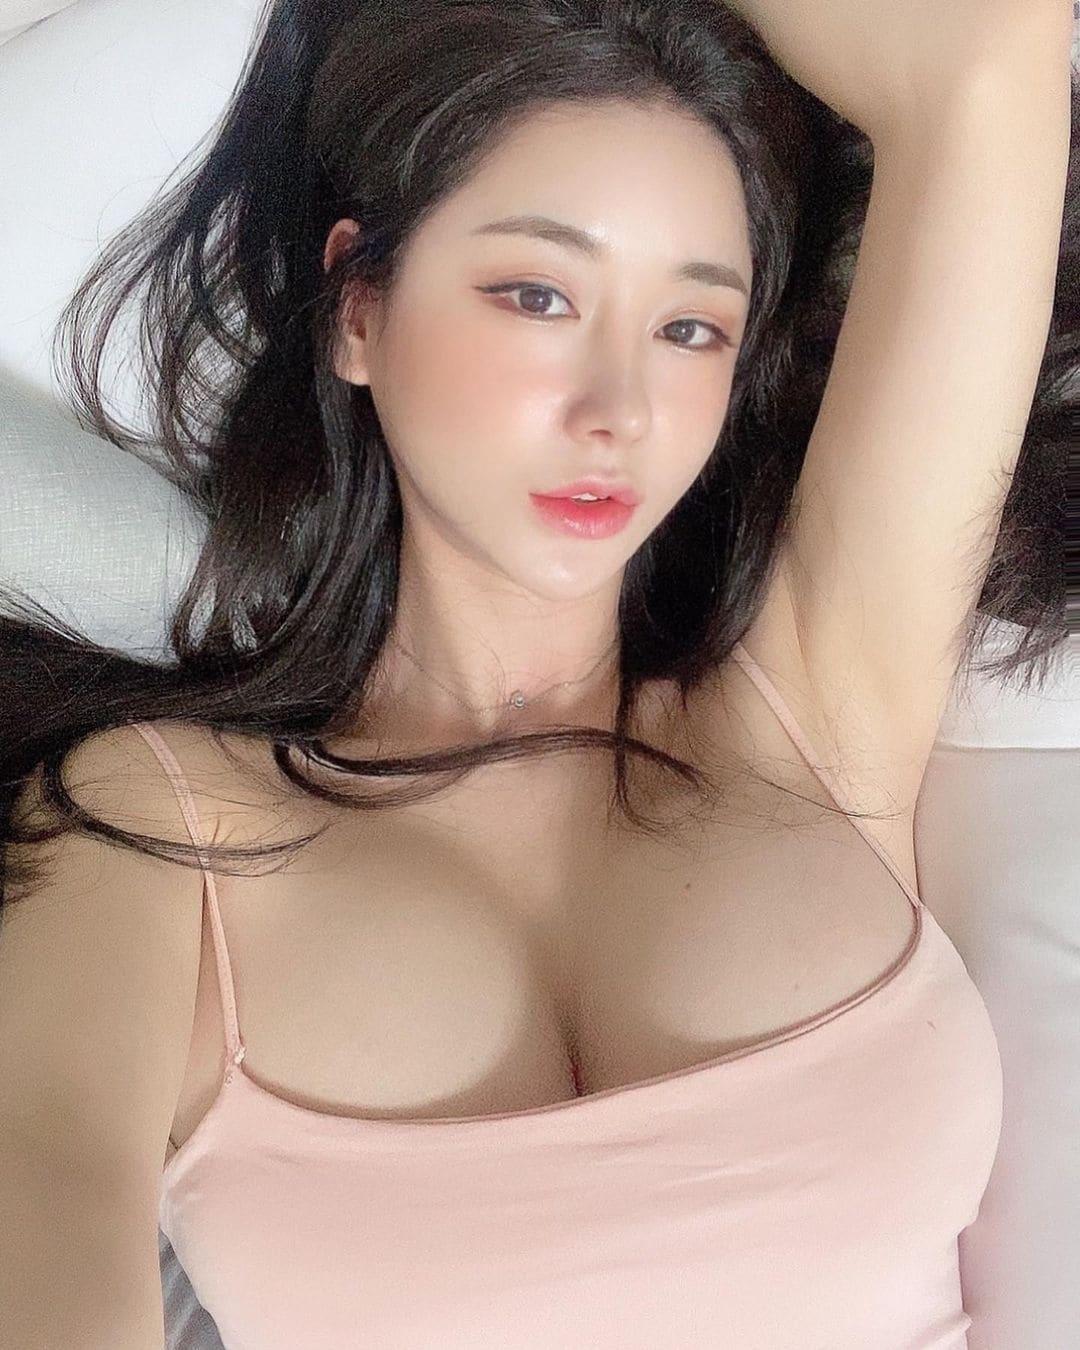 韓国モデル・キャンディ「妖艶な表情にファン興奮」大きすぎるバストを強調して…【画像2枚】の画像002